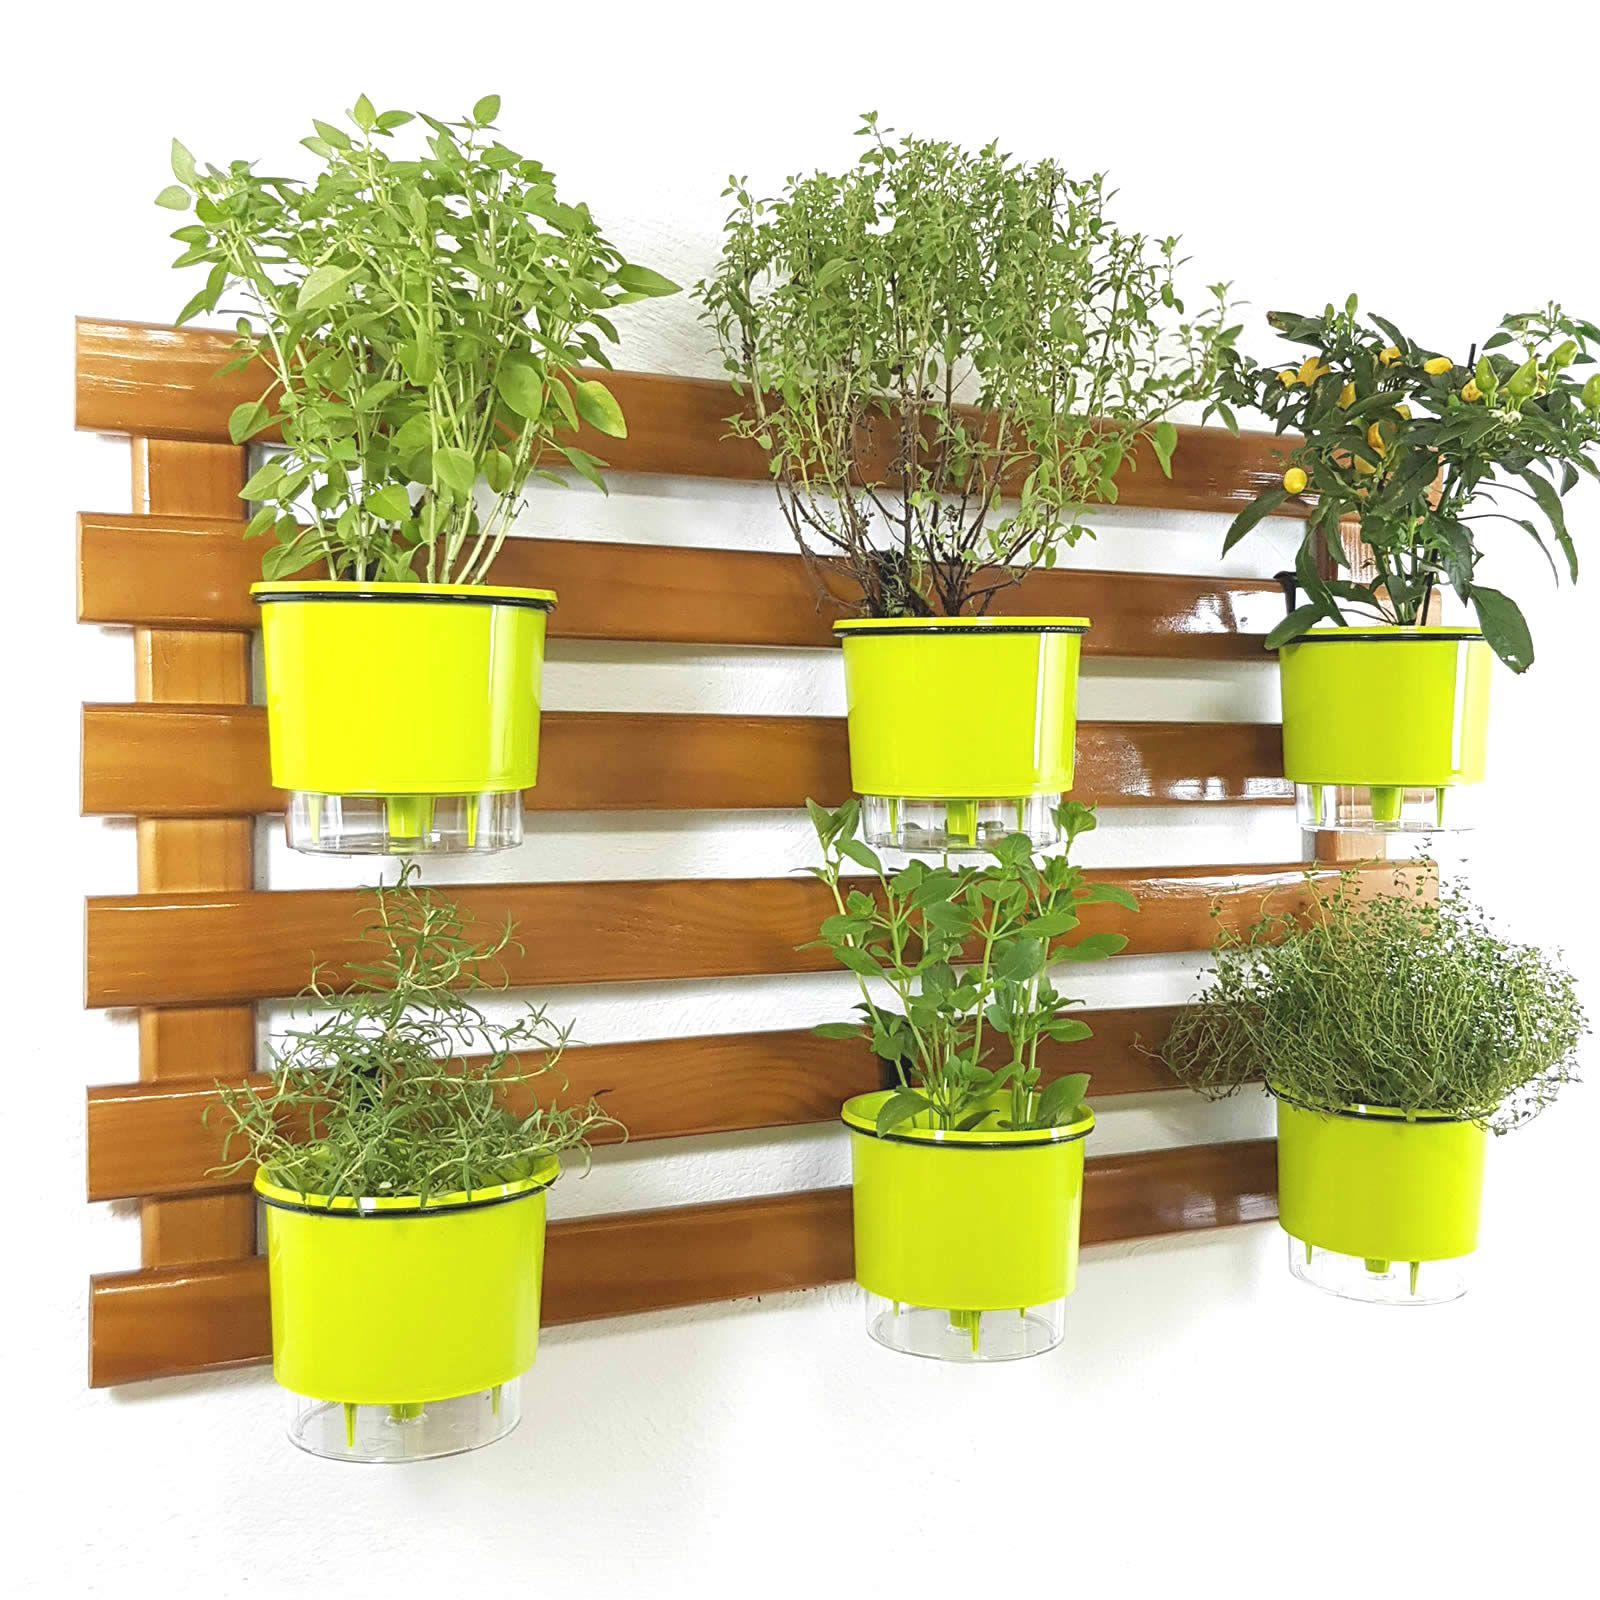 Horta Vertical Imbuia 60x100cm com 6 suportes e 6 Vasos Auto Irrigáveis Verde Claro